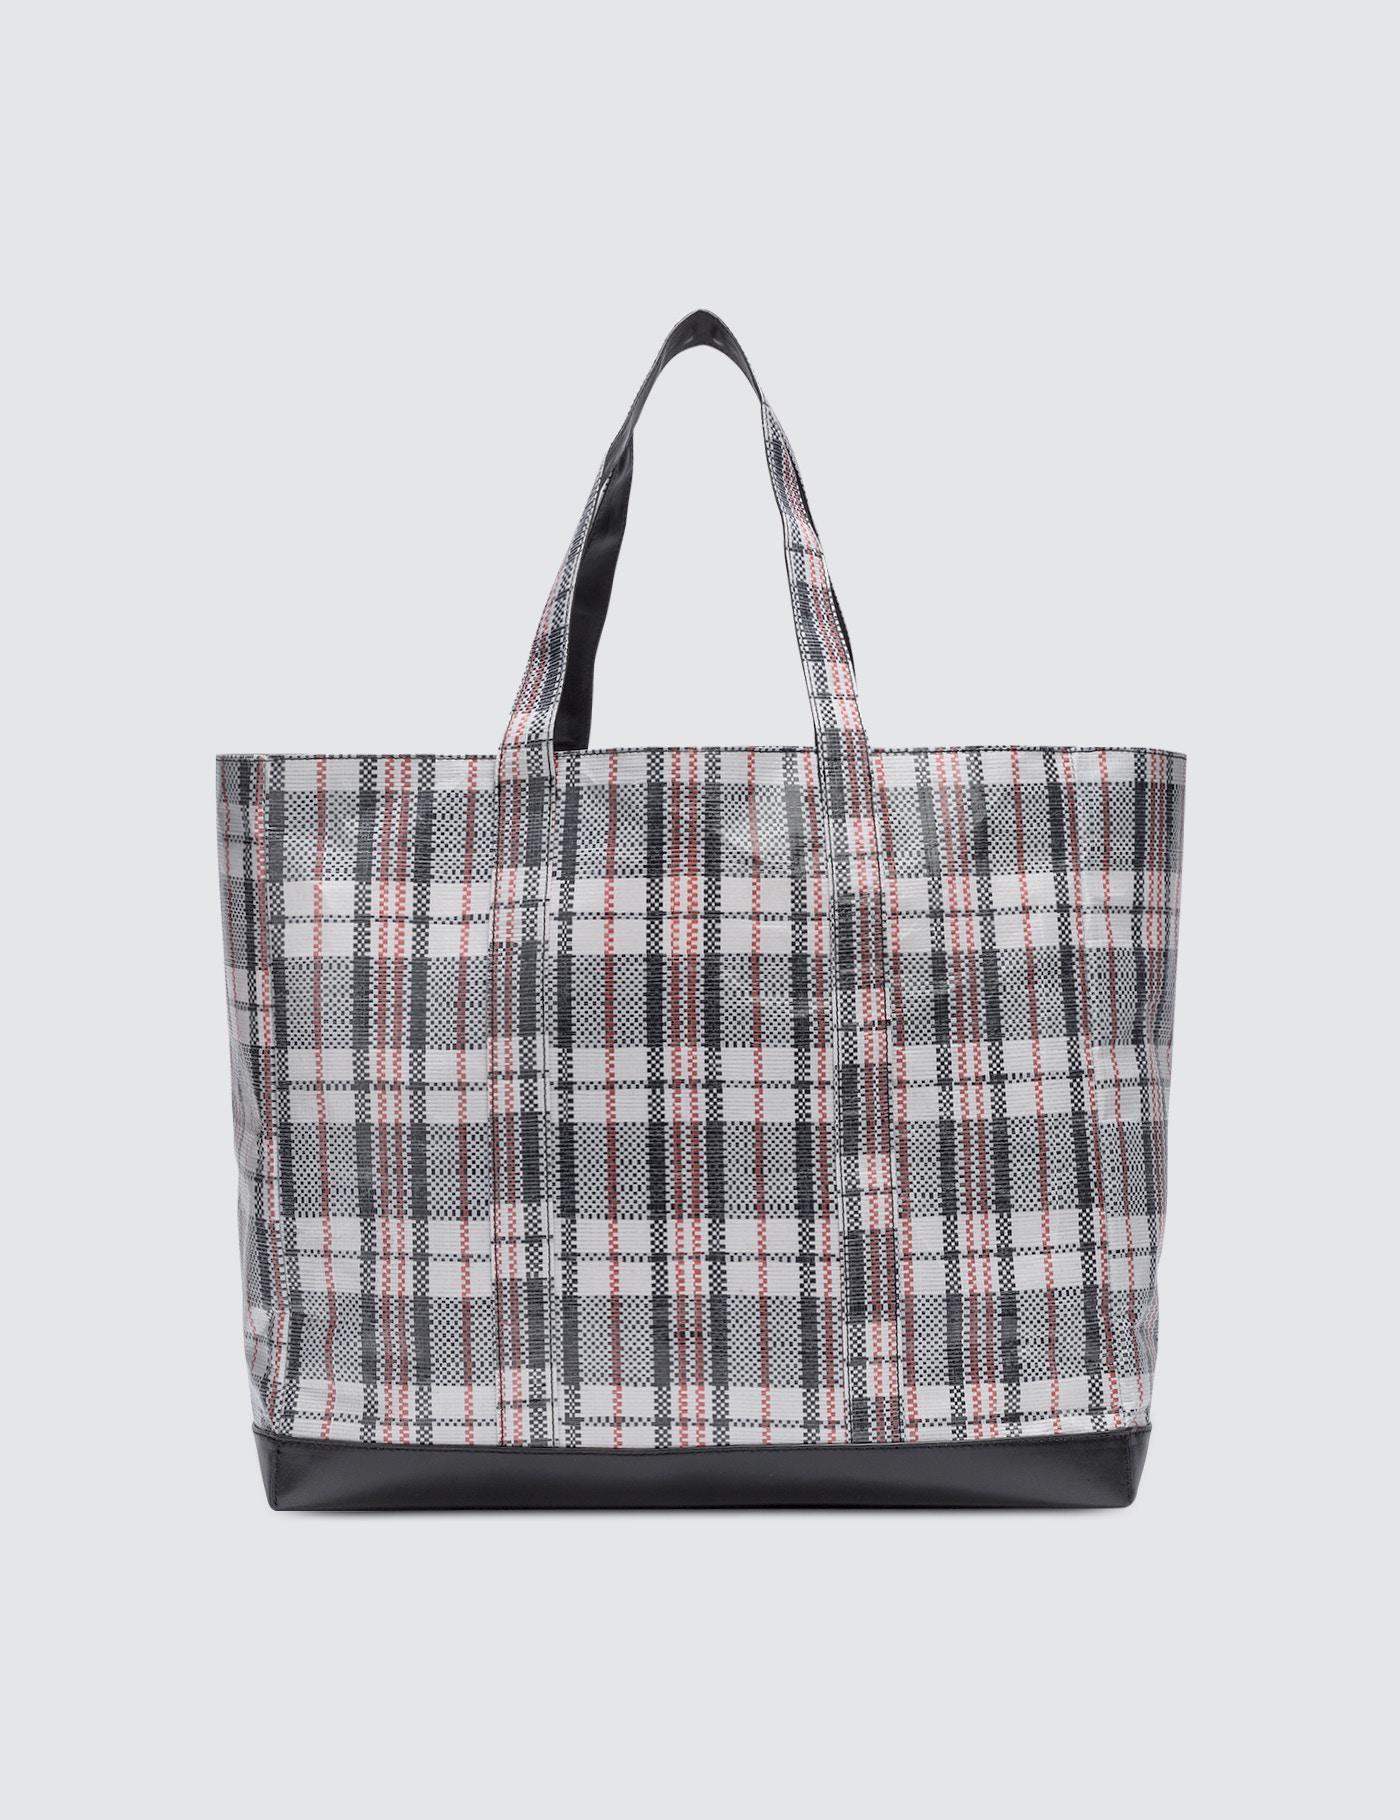 Helmut Lang Woven Plaid Shopping Bag AH6nyJ0Qph